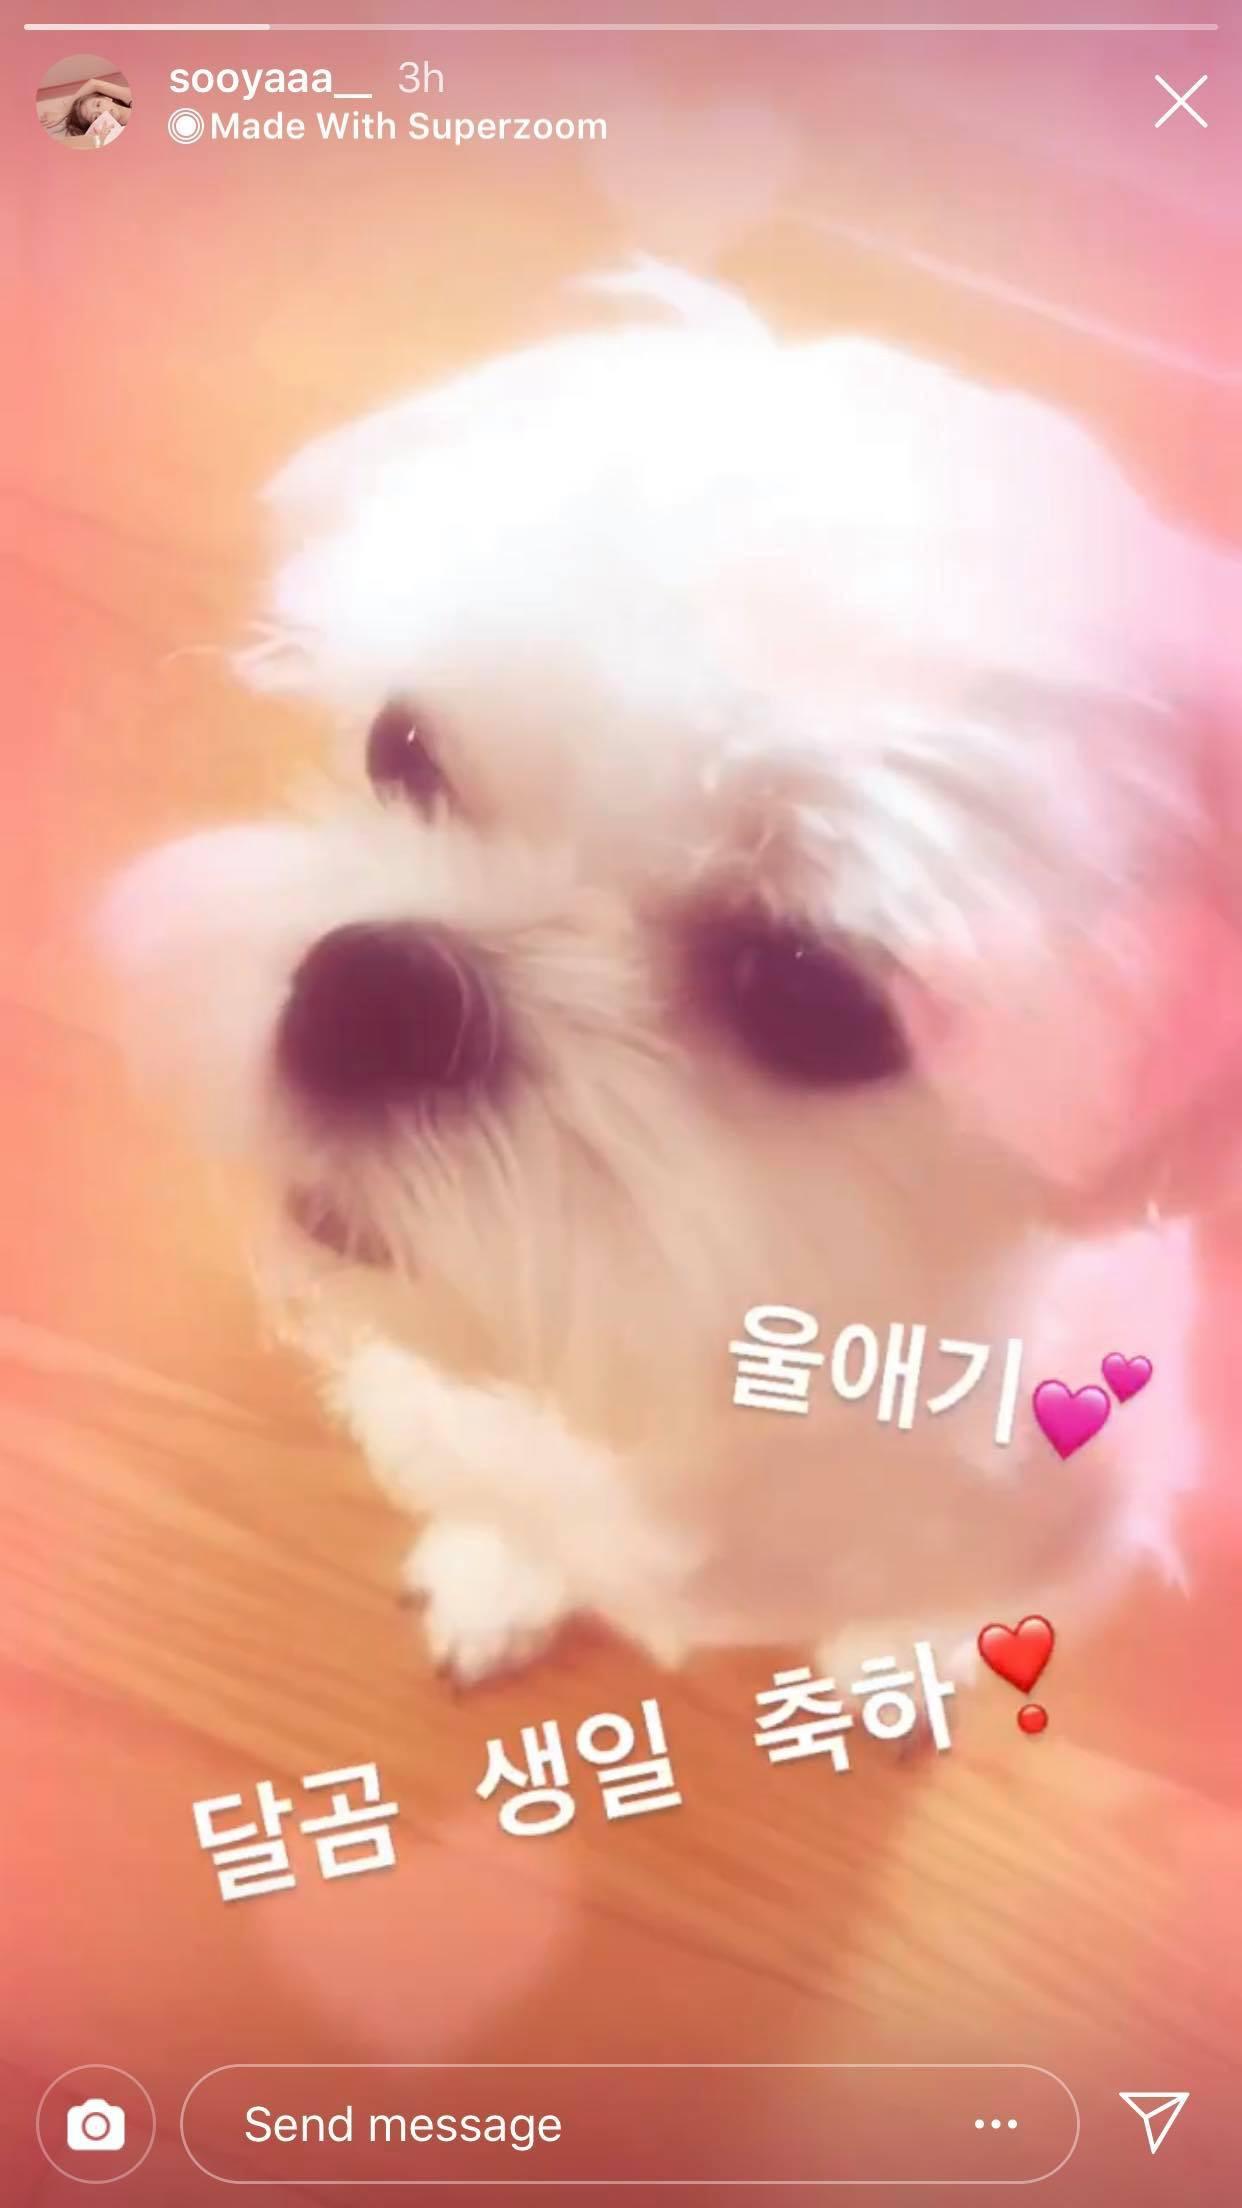 Nhân vật khiến fan BLACKPINK ghen tỵ nhất hôm nay: Được Jennie cưng nựng, ôm ấp, spam toàn hình ảnh yêu thương - Ảnh 6.